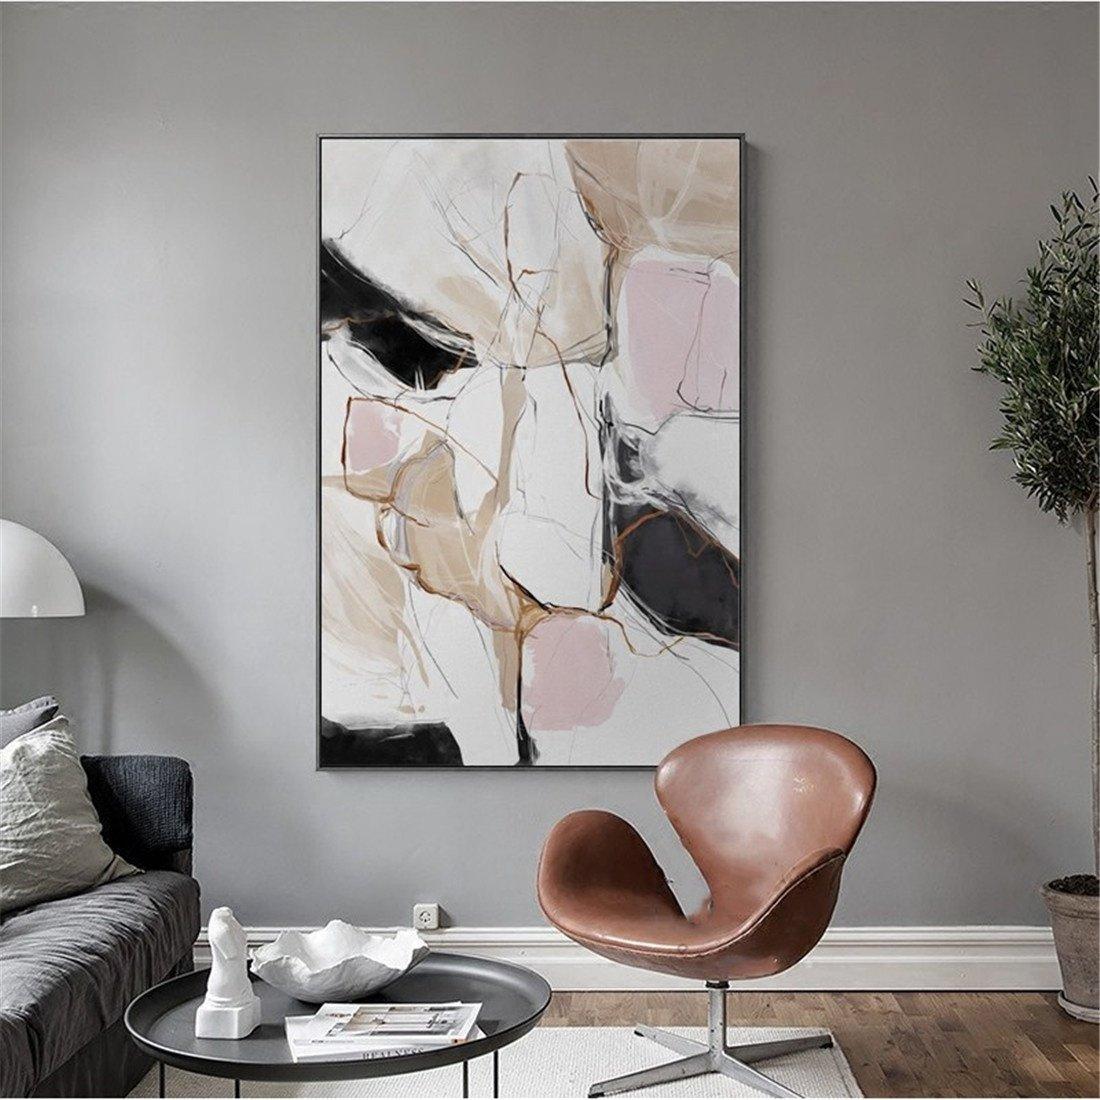 suministro directo de los fabricantes WUTONGNordic Sala de EEstrella Pintura Decorativa Moderna Minimalista Pintura Abstracta Abstracta Abstracta Dormitorio Restaurante murales Porche Colgante Pintura de la Parojo (43  63cm)  mejor vendido